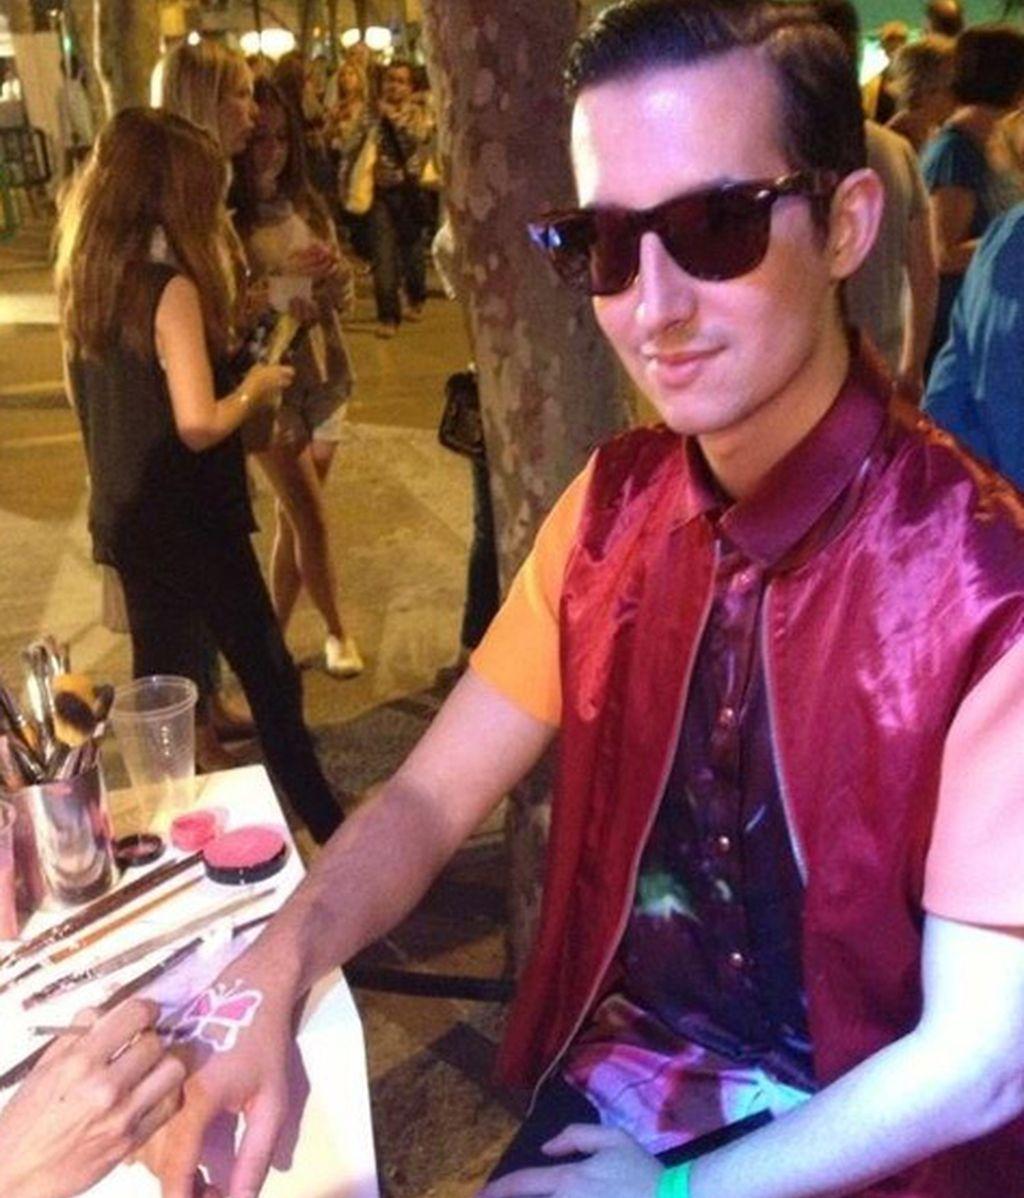 Nuestro bloguero Crawford no perdió la ocasión de tatuarse en la mano